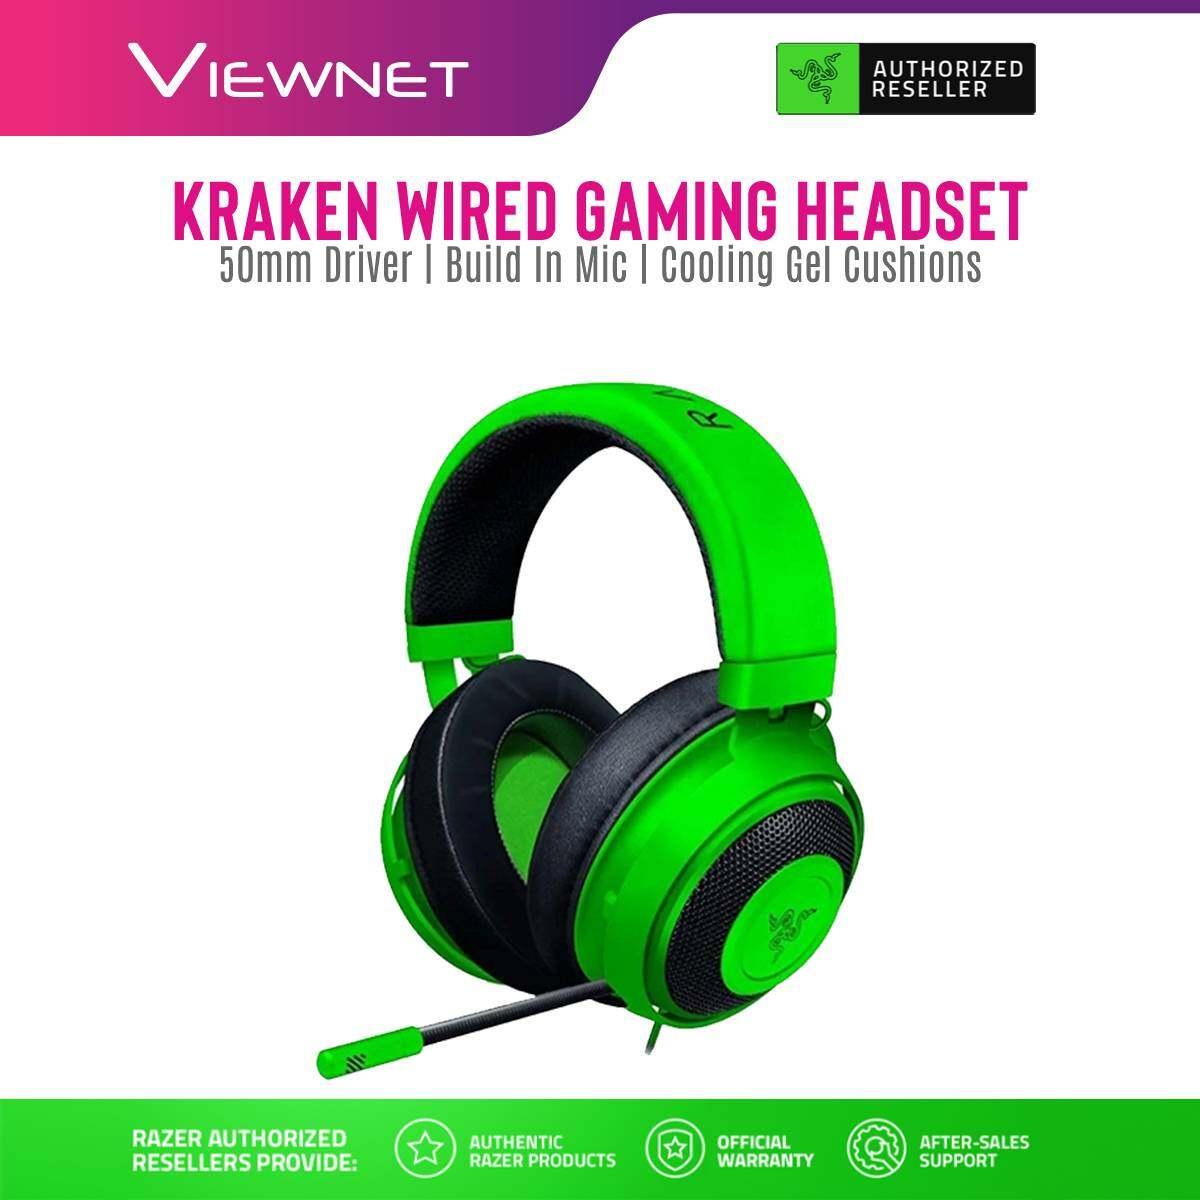 Razer Wired Gaming 2.1 Headset Kraken with Wired Analog 3.5mm, Cardioid Microphone, 7.1 Surround Sound Software, Black / Green (RZ04-02830100-R3M1 / RZ04-02830200-R3M1)